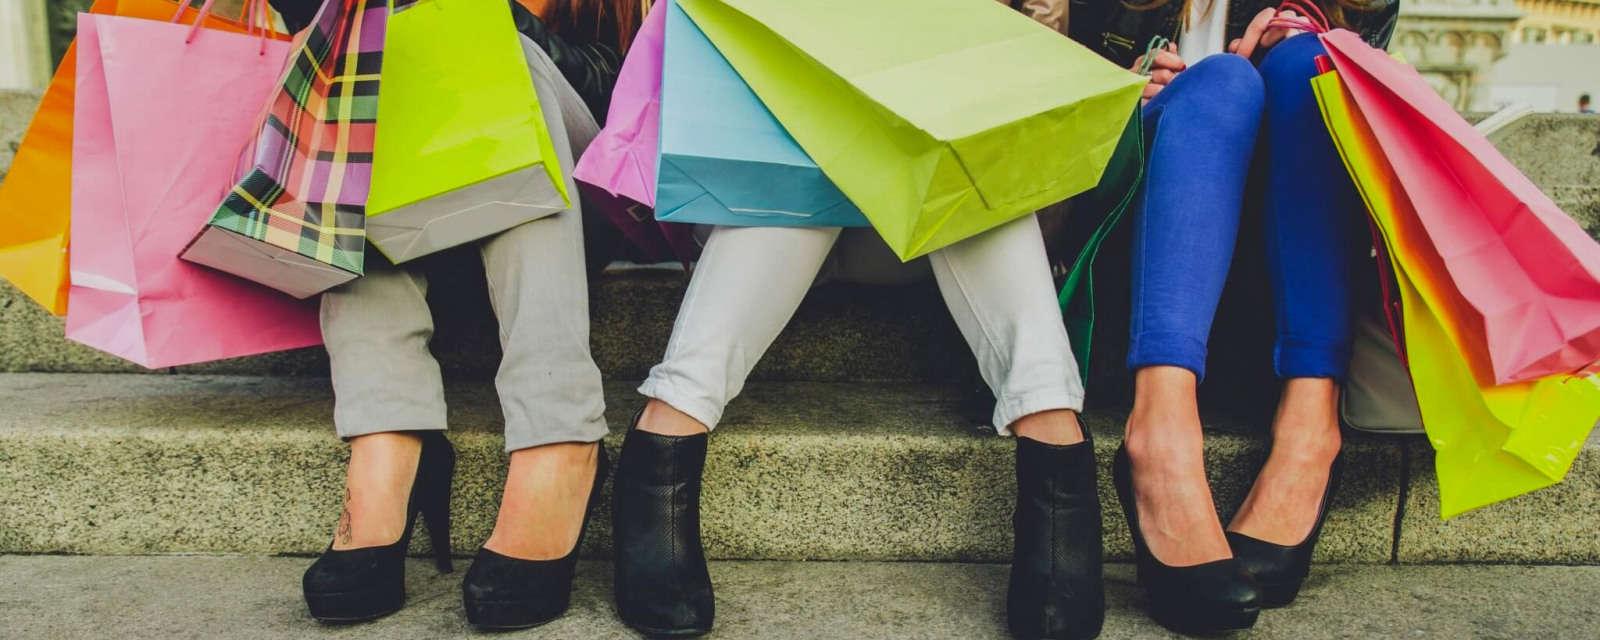 Time to shop 'til you drop.